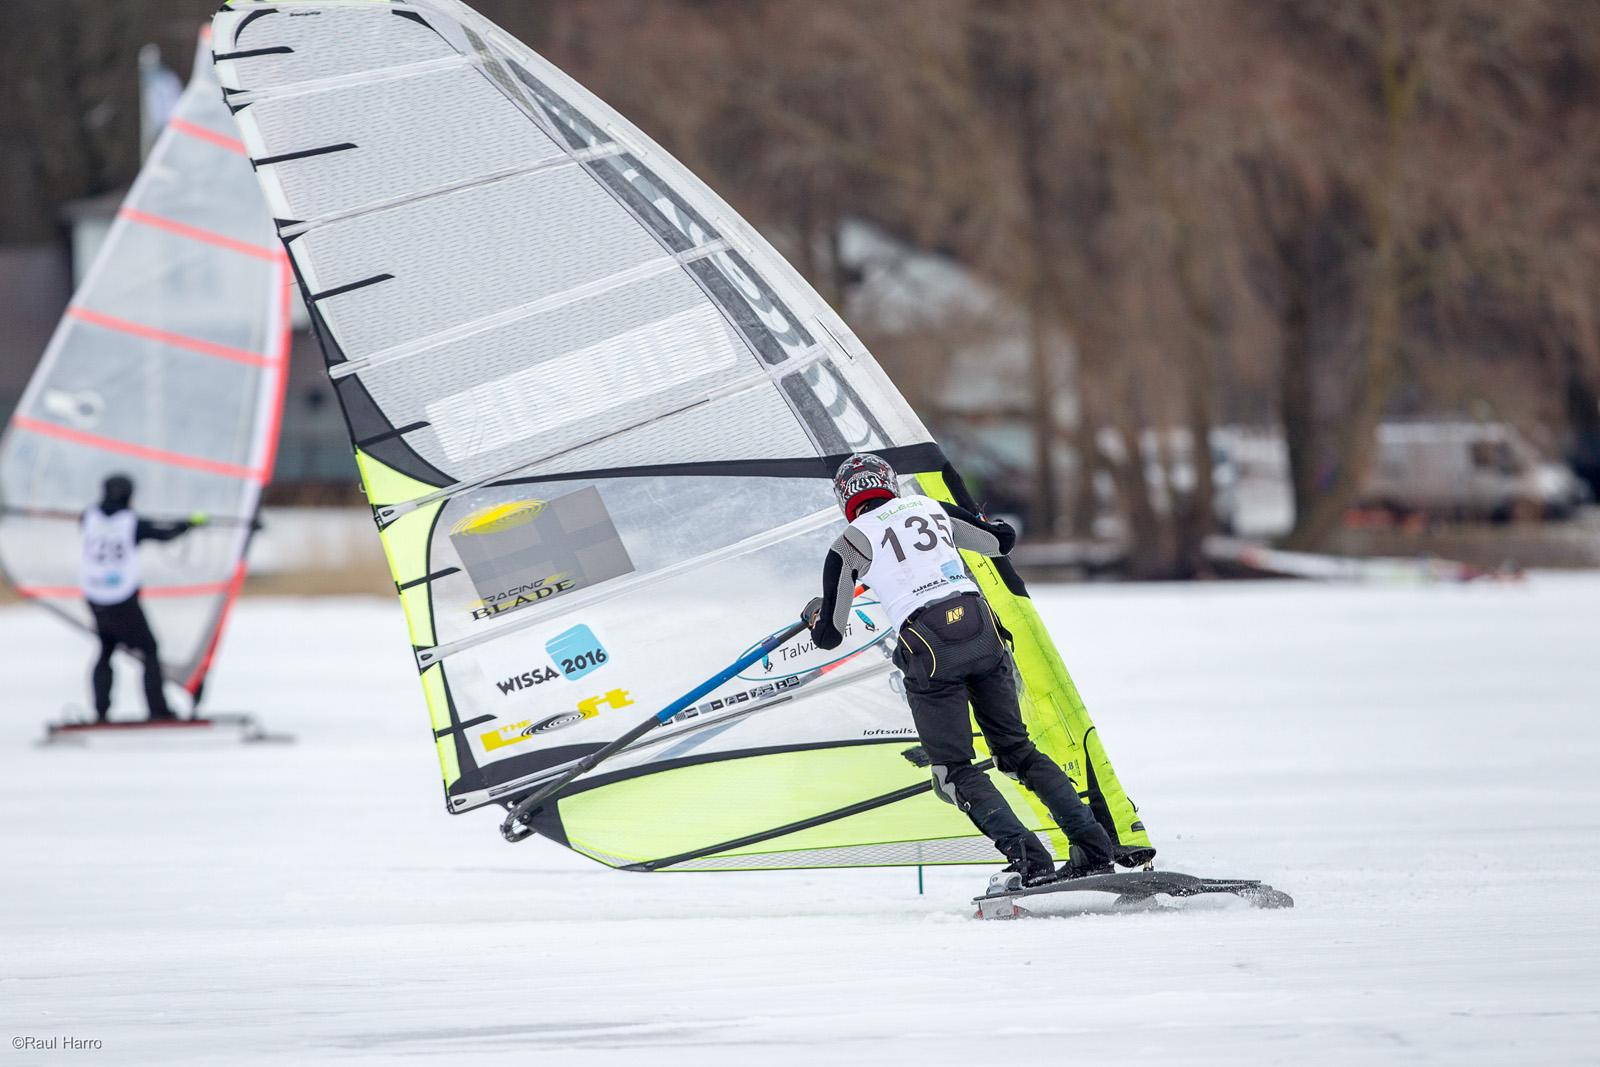 Slaalomit sõidab Feodor Gurvits. Foto autor Raul Harro